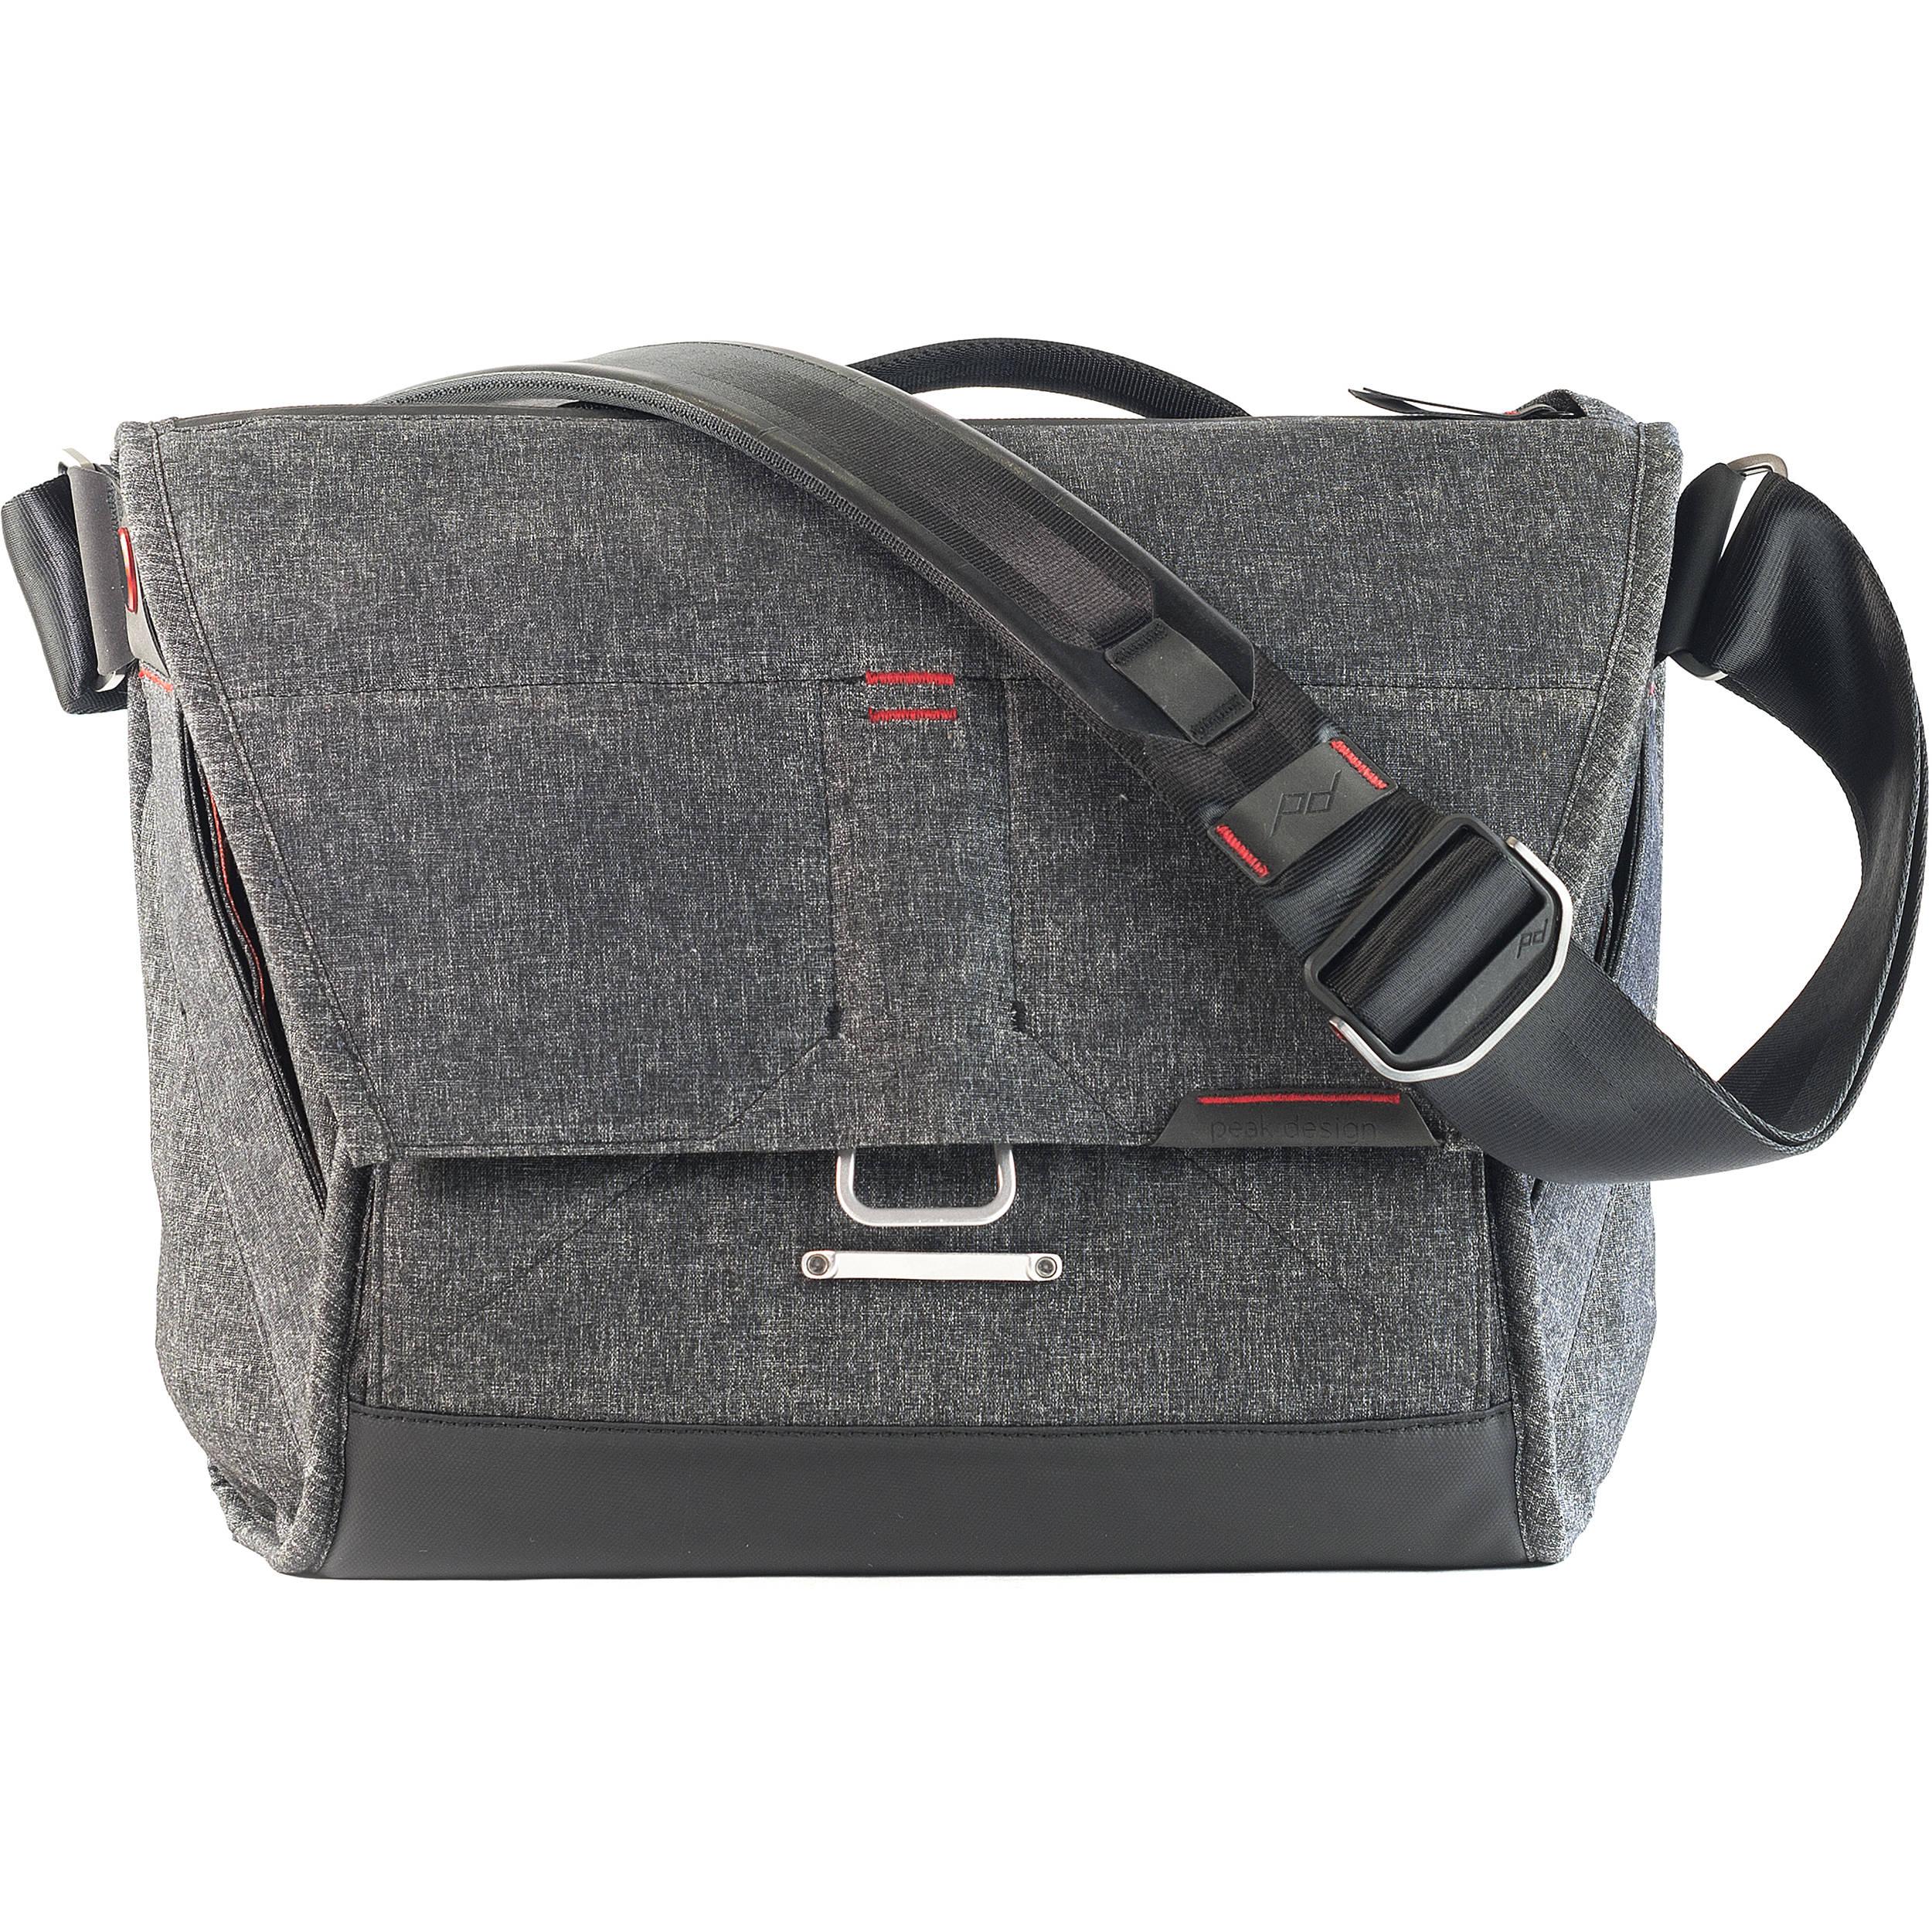 Accessories Bags Peak Design Peak Design Everyday